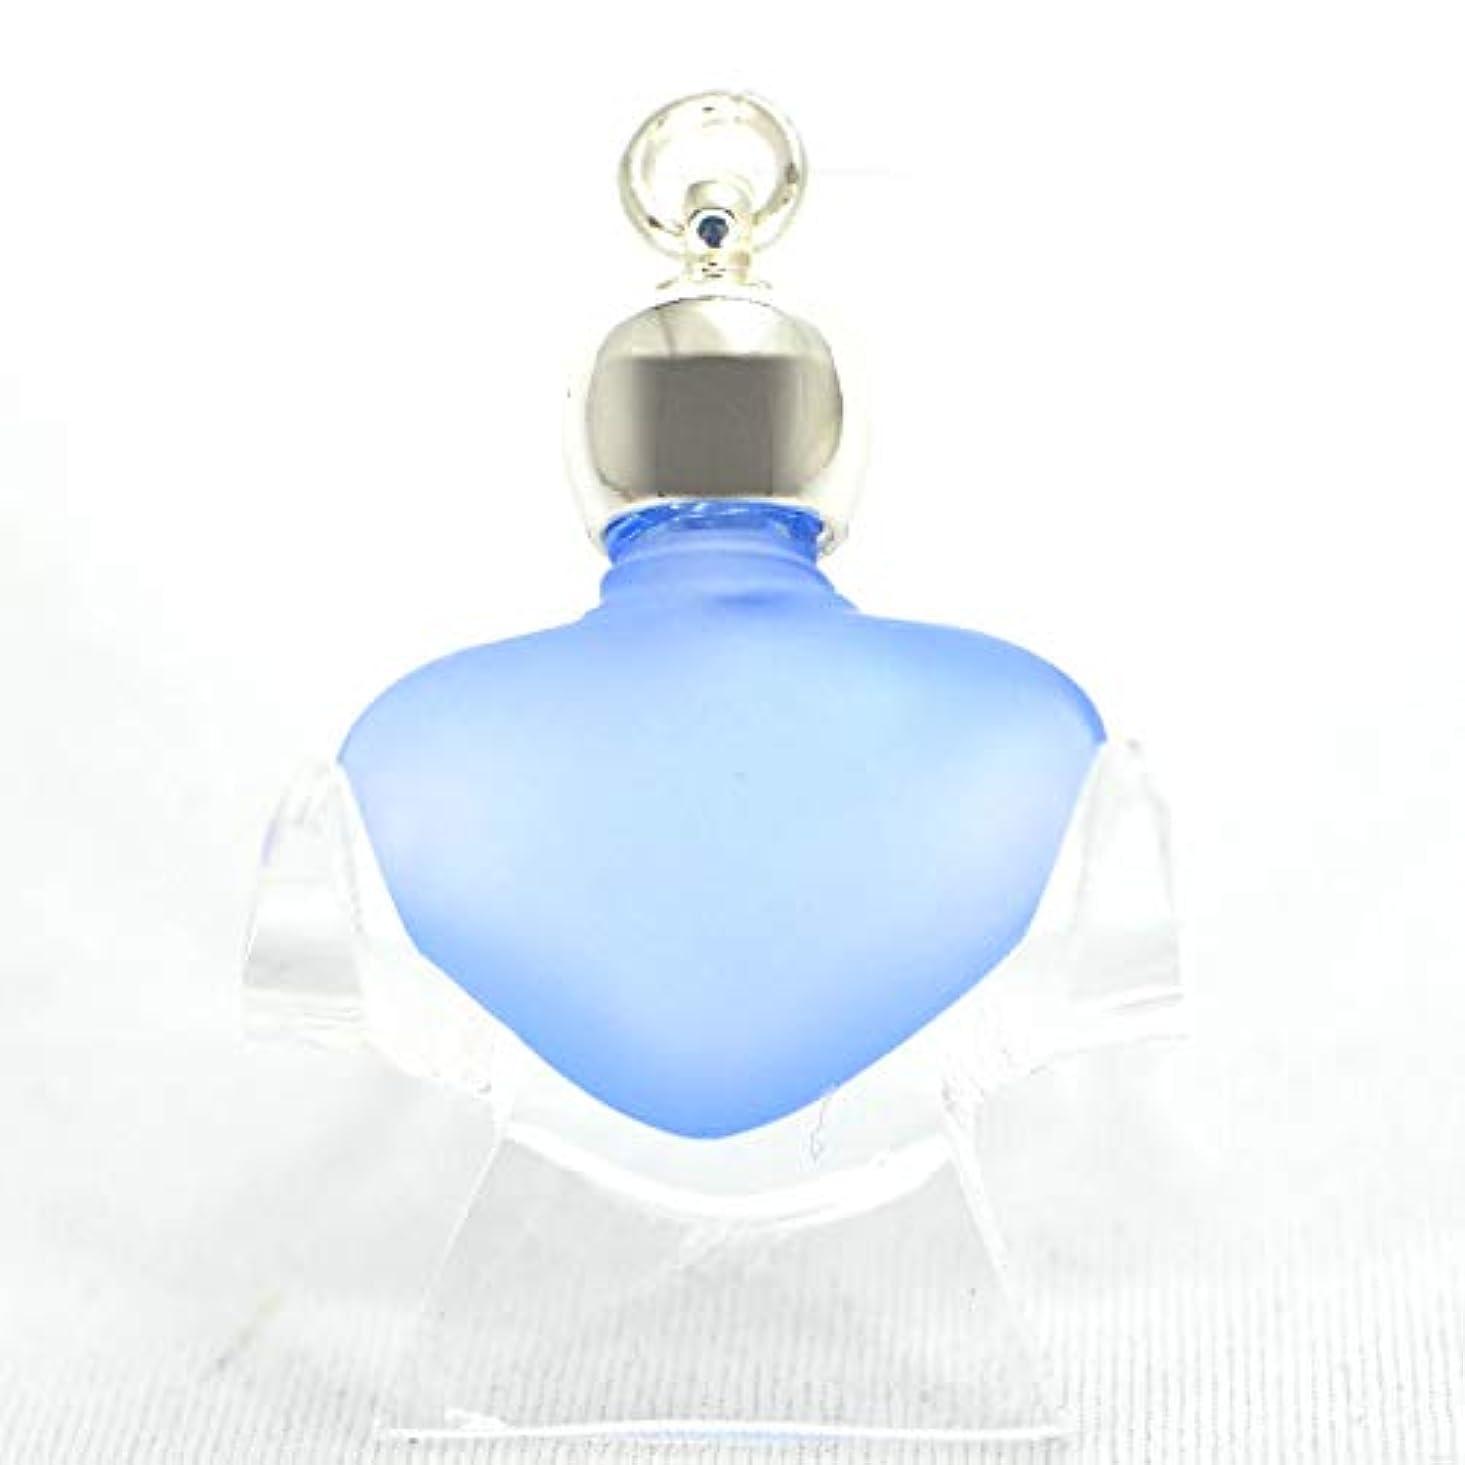 引き渡す新年圧力ミニ香水瓶 アロマペンダントトップ ハートブルーフロスト(青すりガラス)0.8ml?シルバー?穴あきキャップ、パッキン付属【アロマオイル?メモリーオイル入れにオススメ】